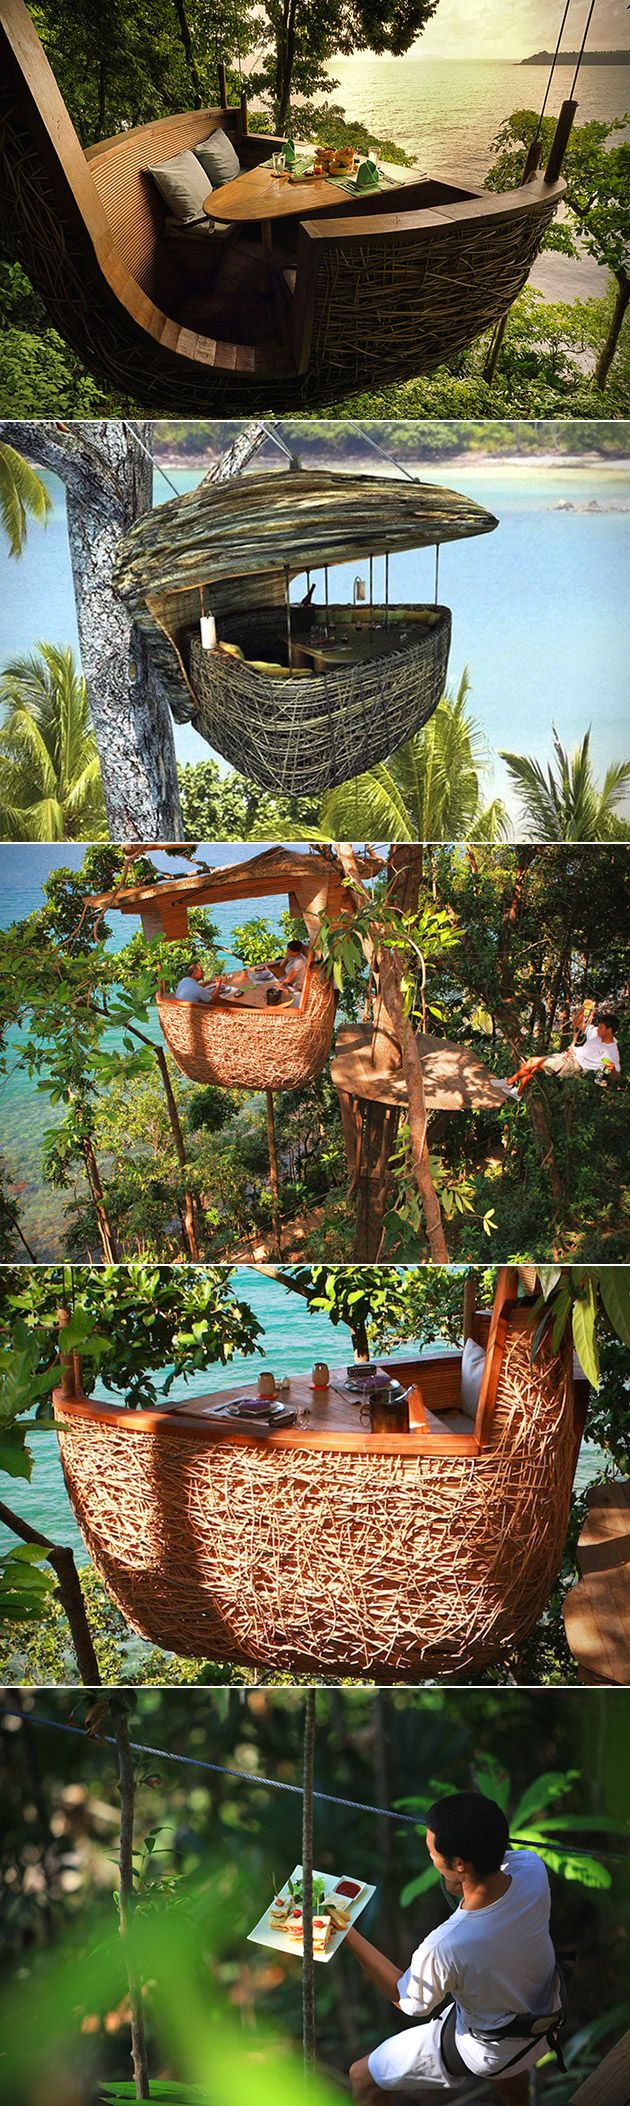 Ahora vive su infancia libro de la selva sueña en el complejo Soneva Kiri en Tailandia, donde su experiencia Treepod comedor promete una comida asombrosa. Situado en el control remoto isla tailandesa de Kood, el complejo cuenta con 42 villas, y 21 residencias privadas de 150 acres de playa y selva tropical.